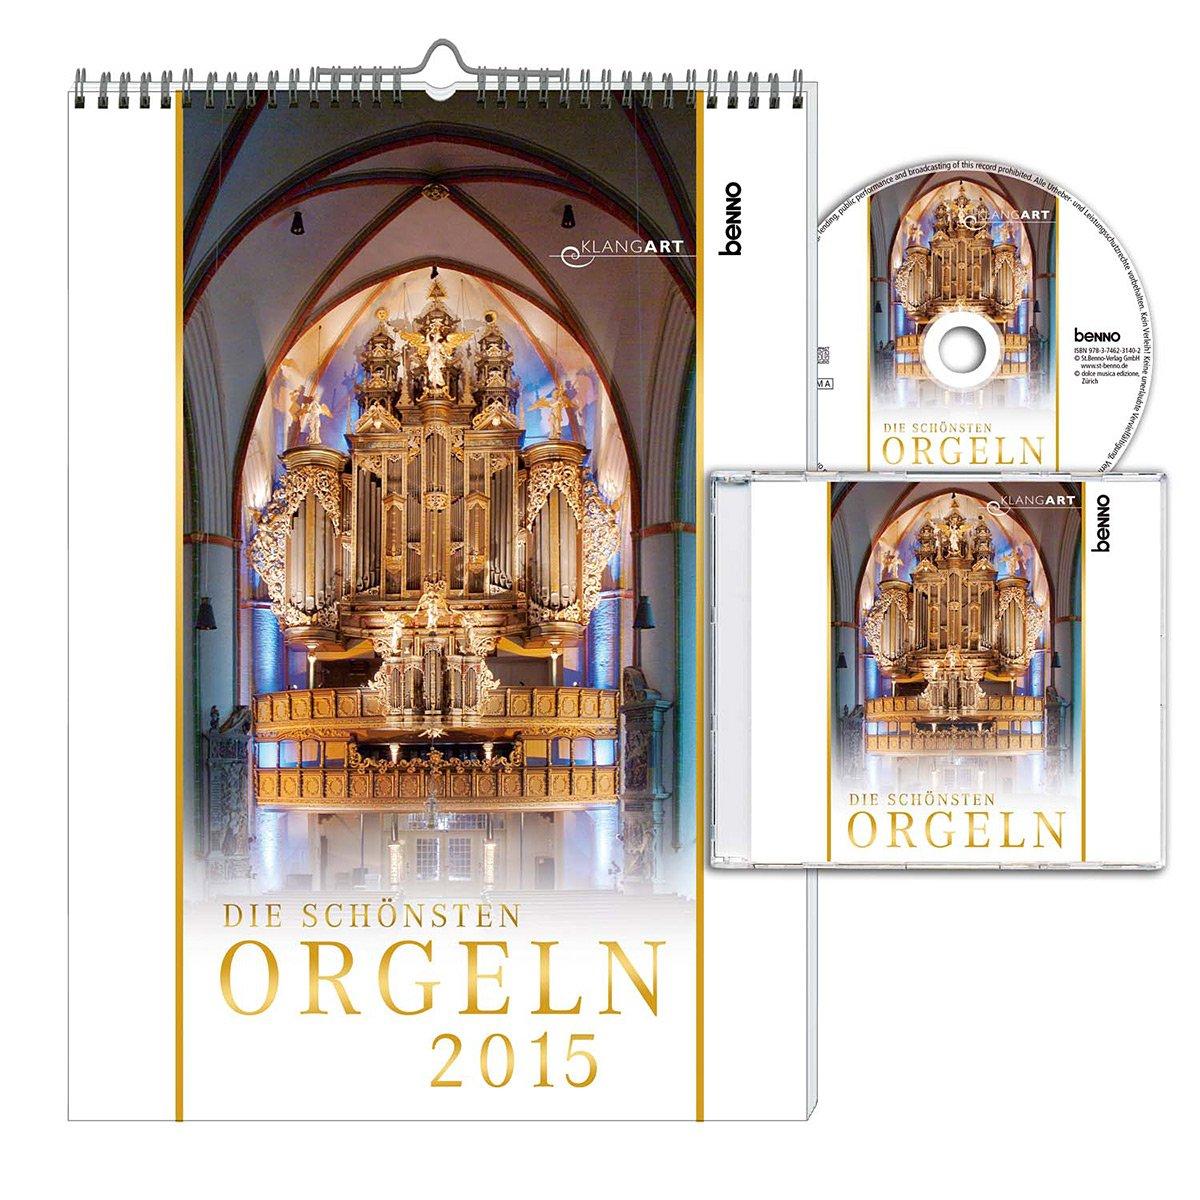 Die schönsten Orgeln 2015 mit CD